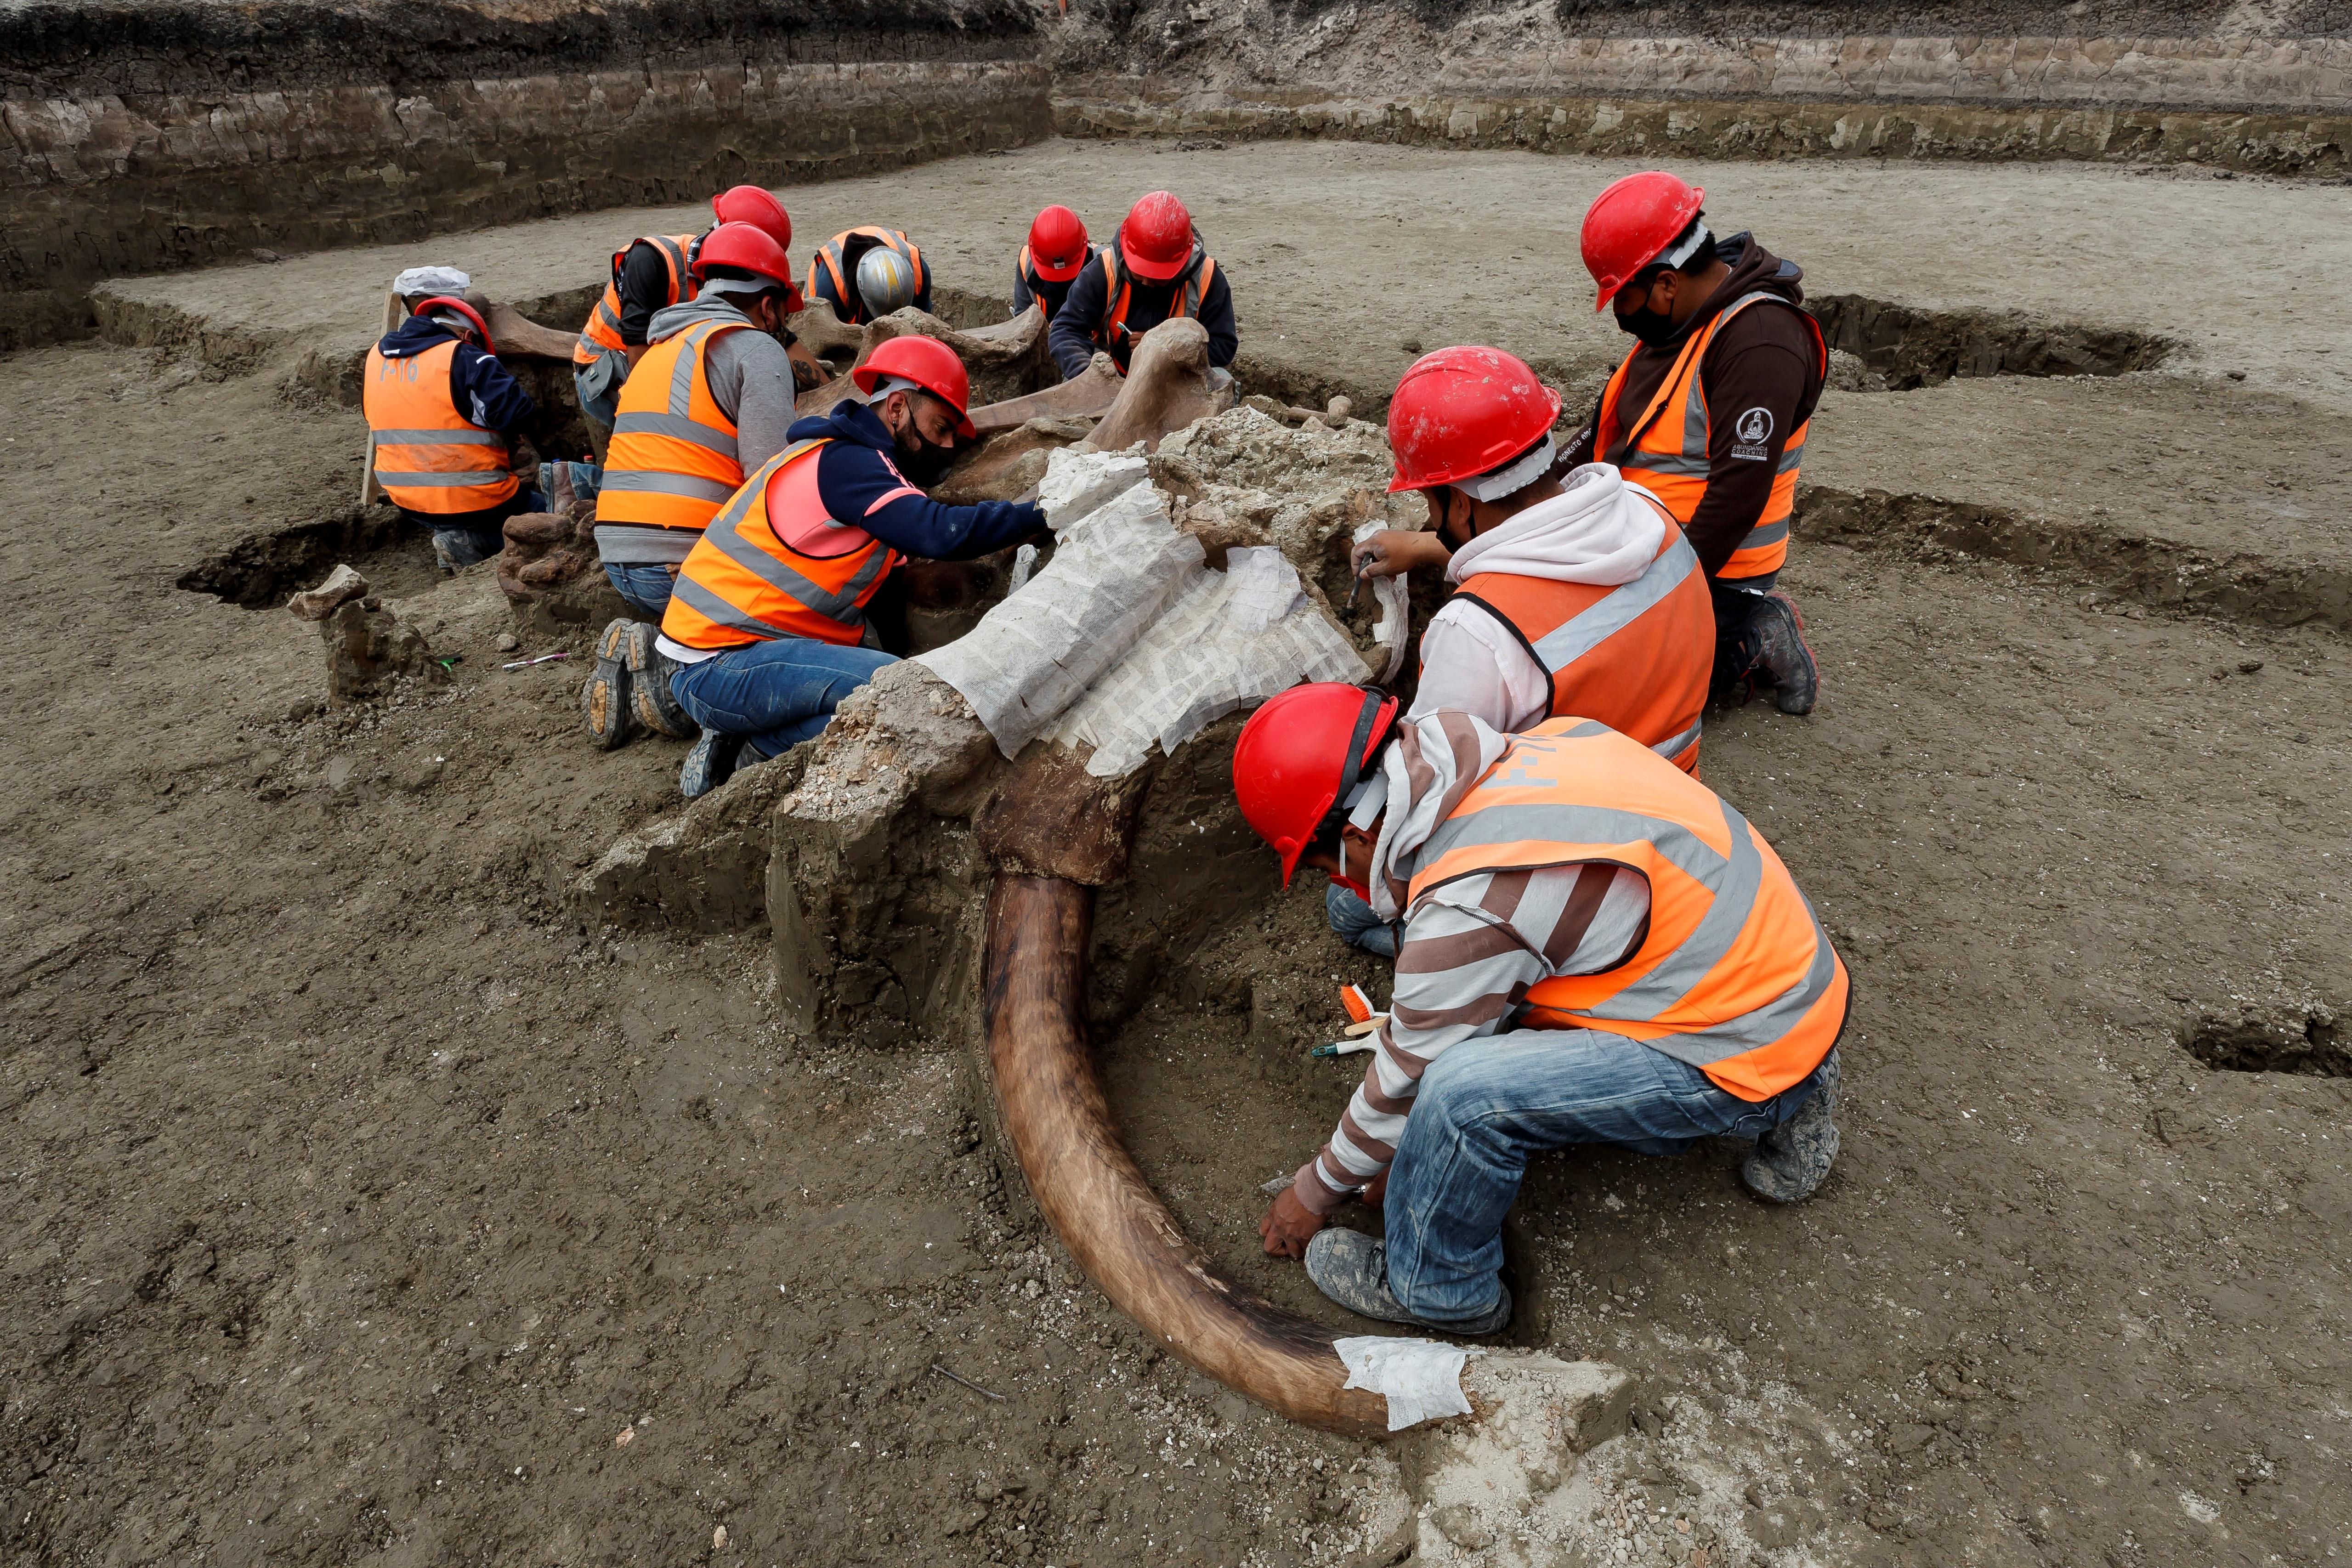 Los casi 200 puntos de descubrimiento donde se han encontrado decenas de esqueletos de mamuts, camellos, caballos y bisontes en el futuro aeropuerto de la Ciudad de México, dan cuenta del descubrimiento paleontológico más importante de América Latina por concentración de individuos.